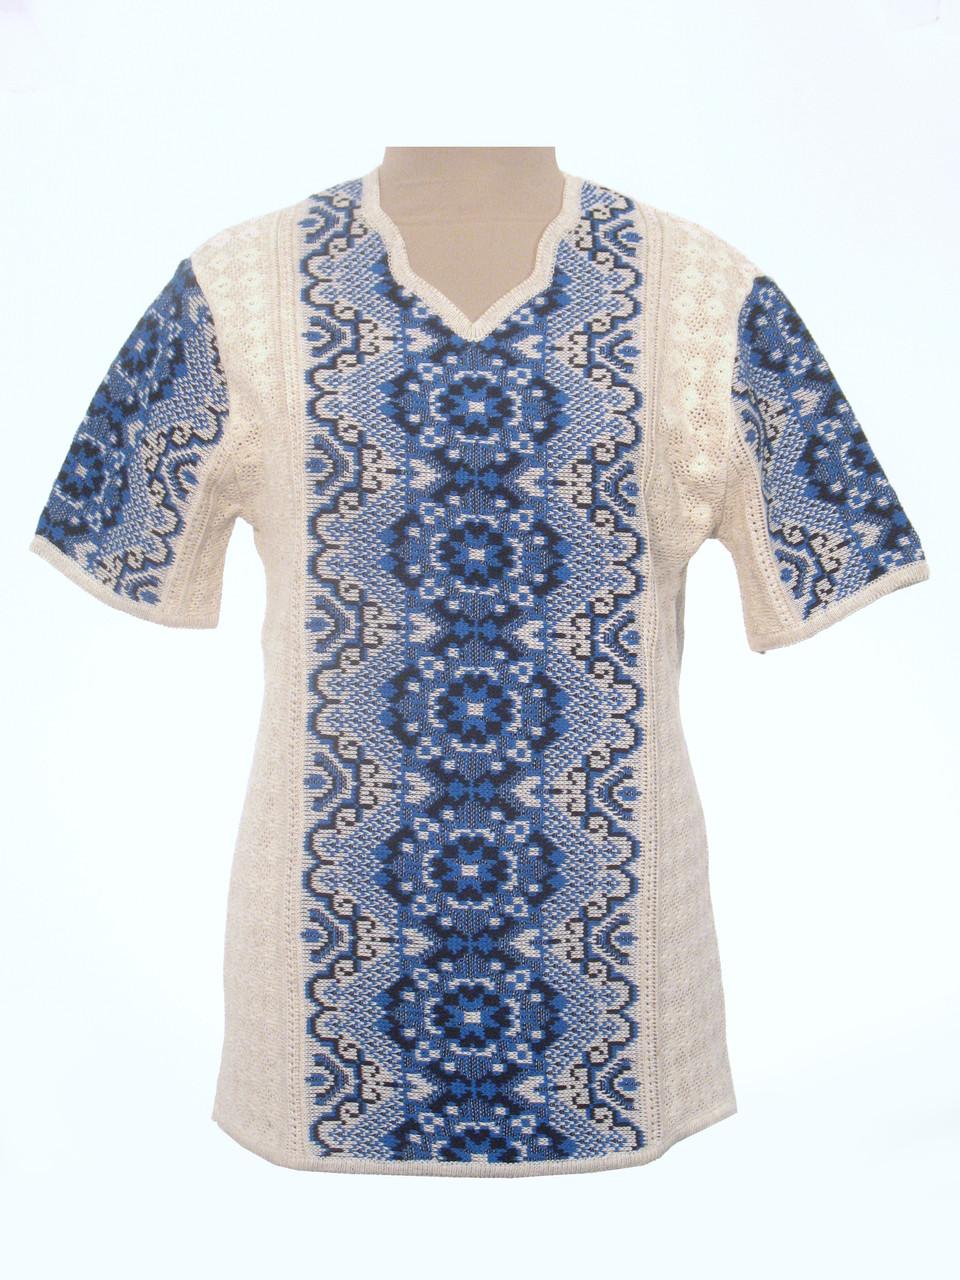 Женская рубашка вязаная 0352 (корткий рукав)